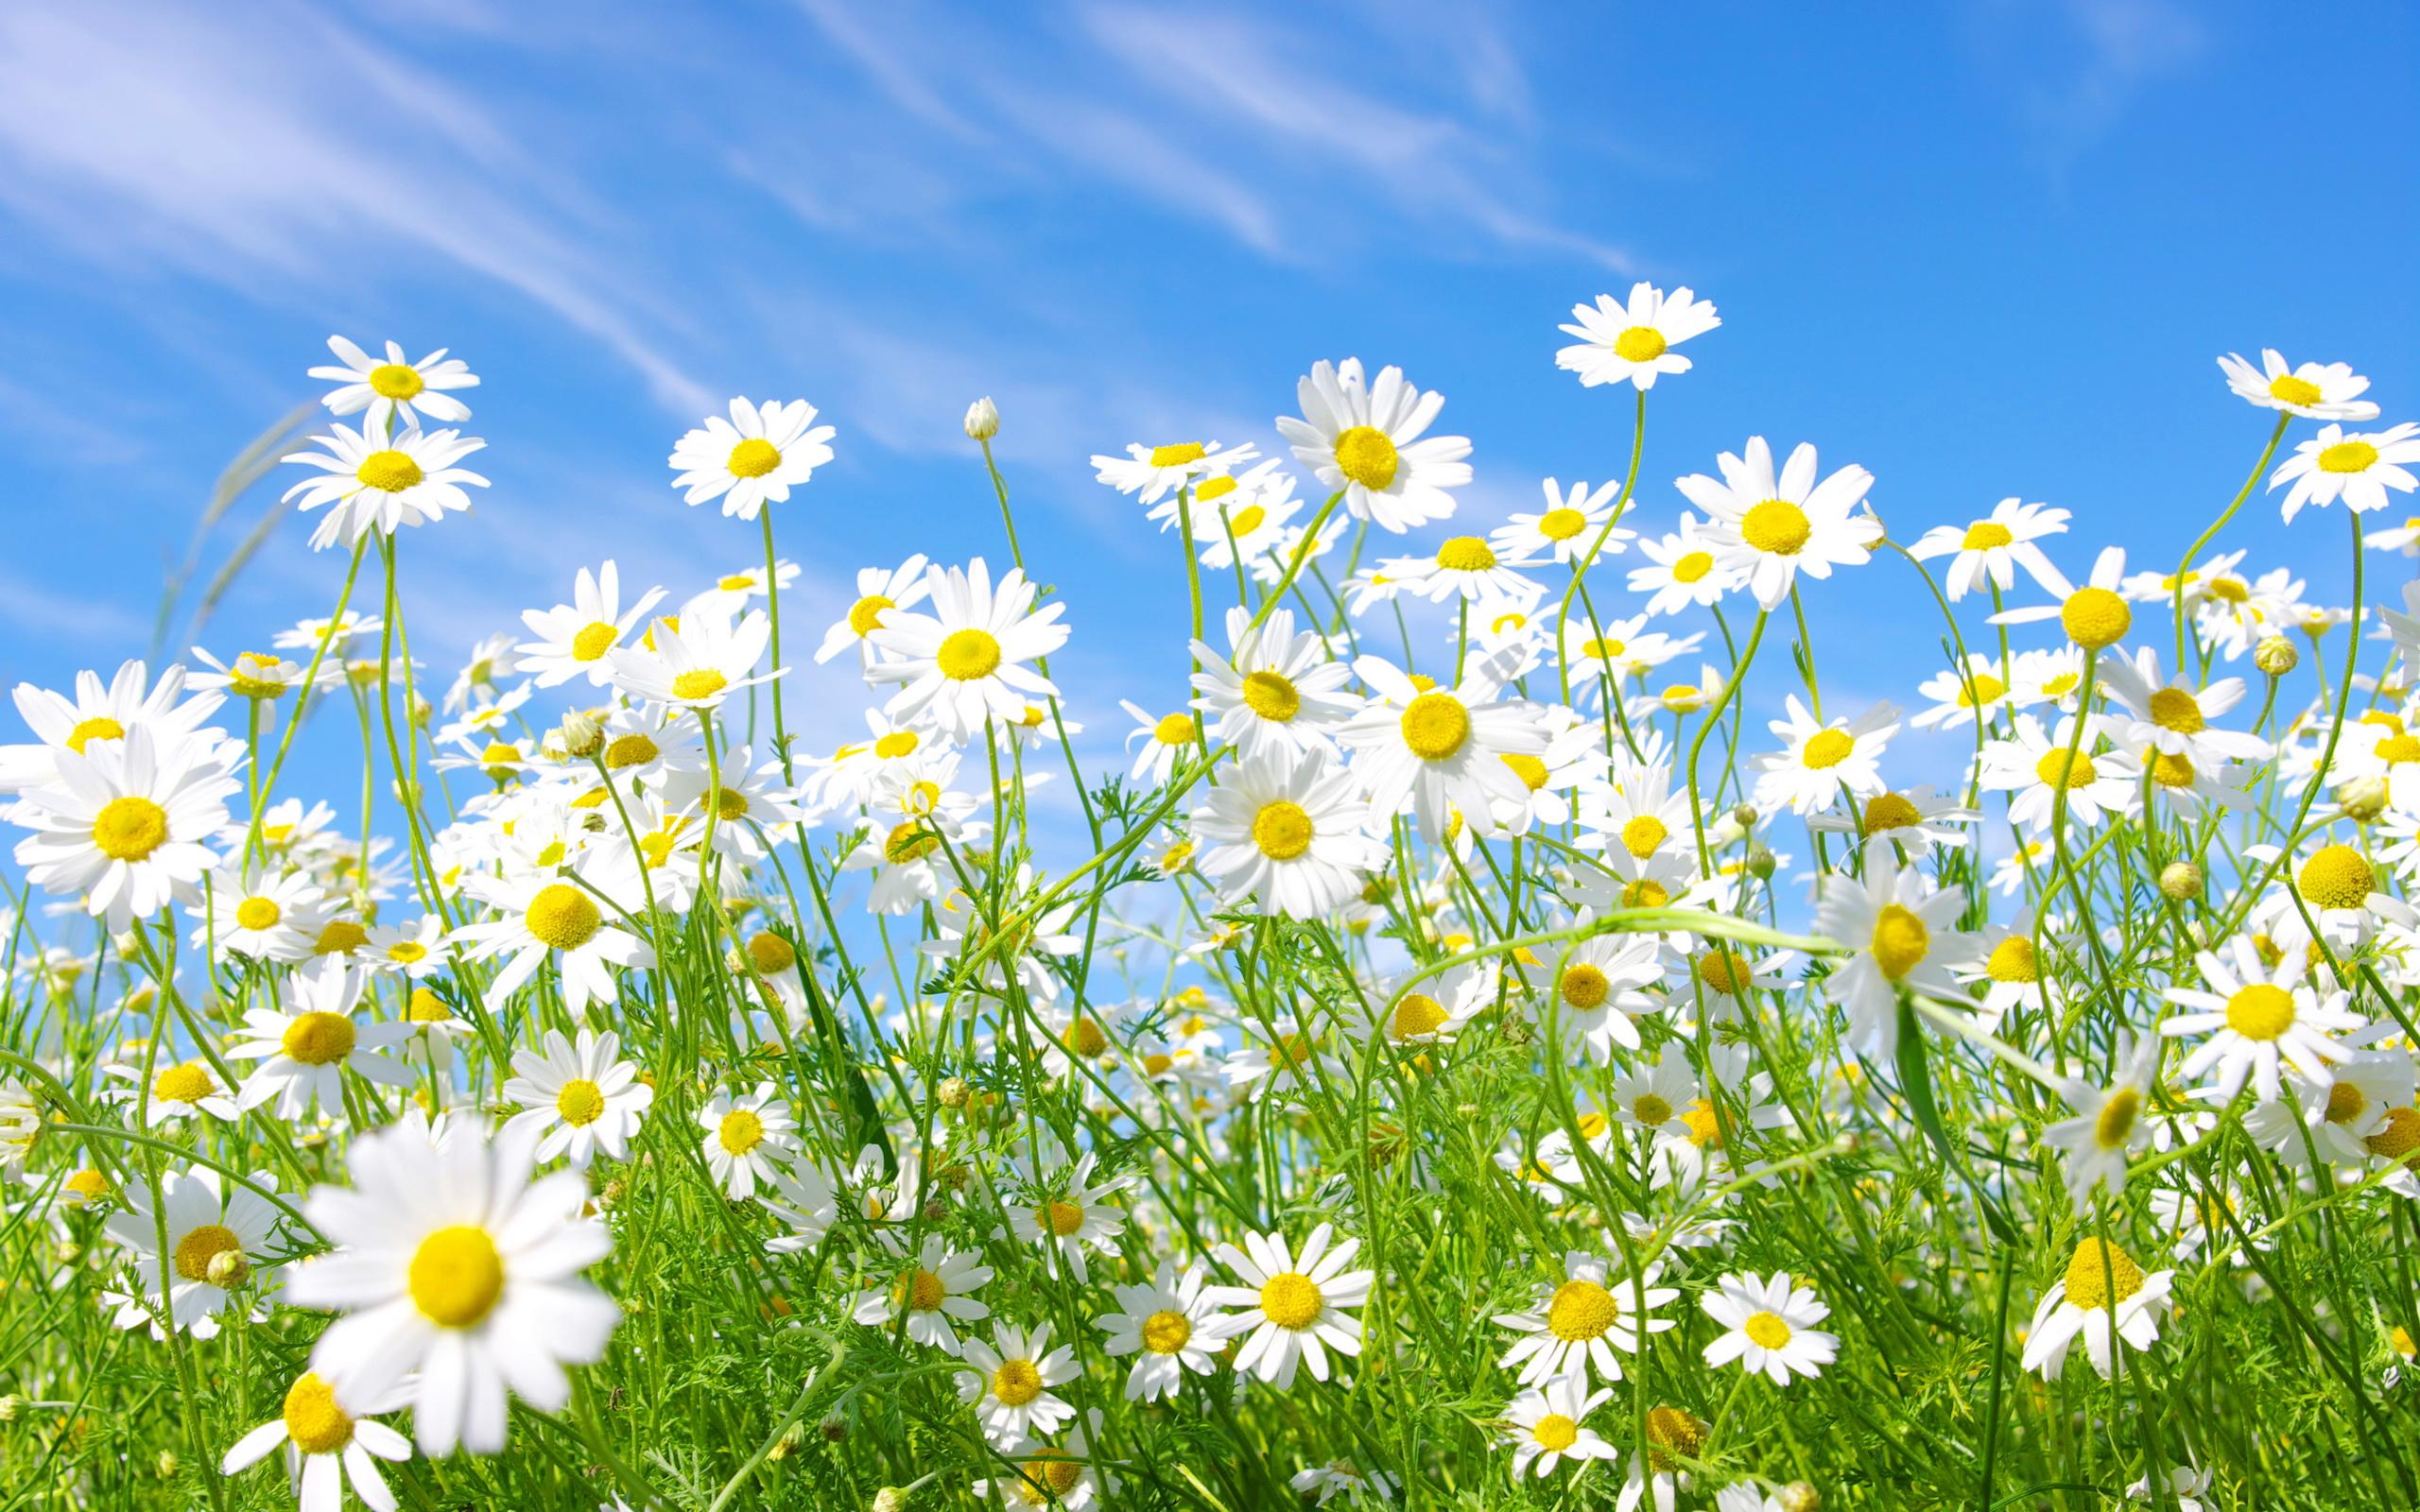 полевые цветы небо облака загрузить